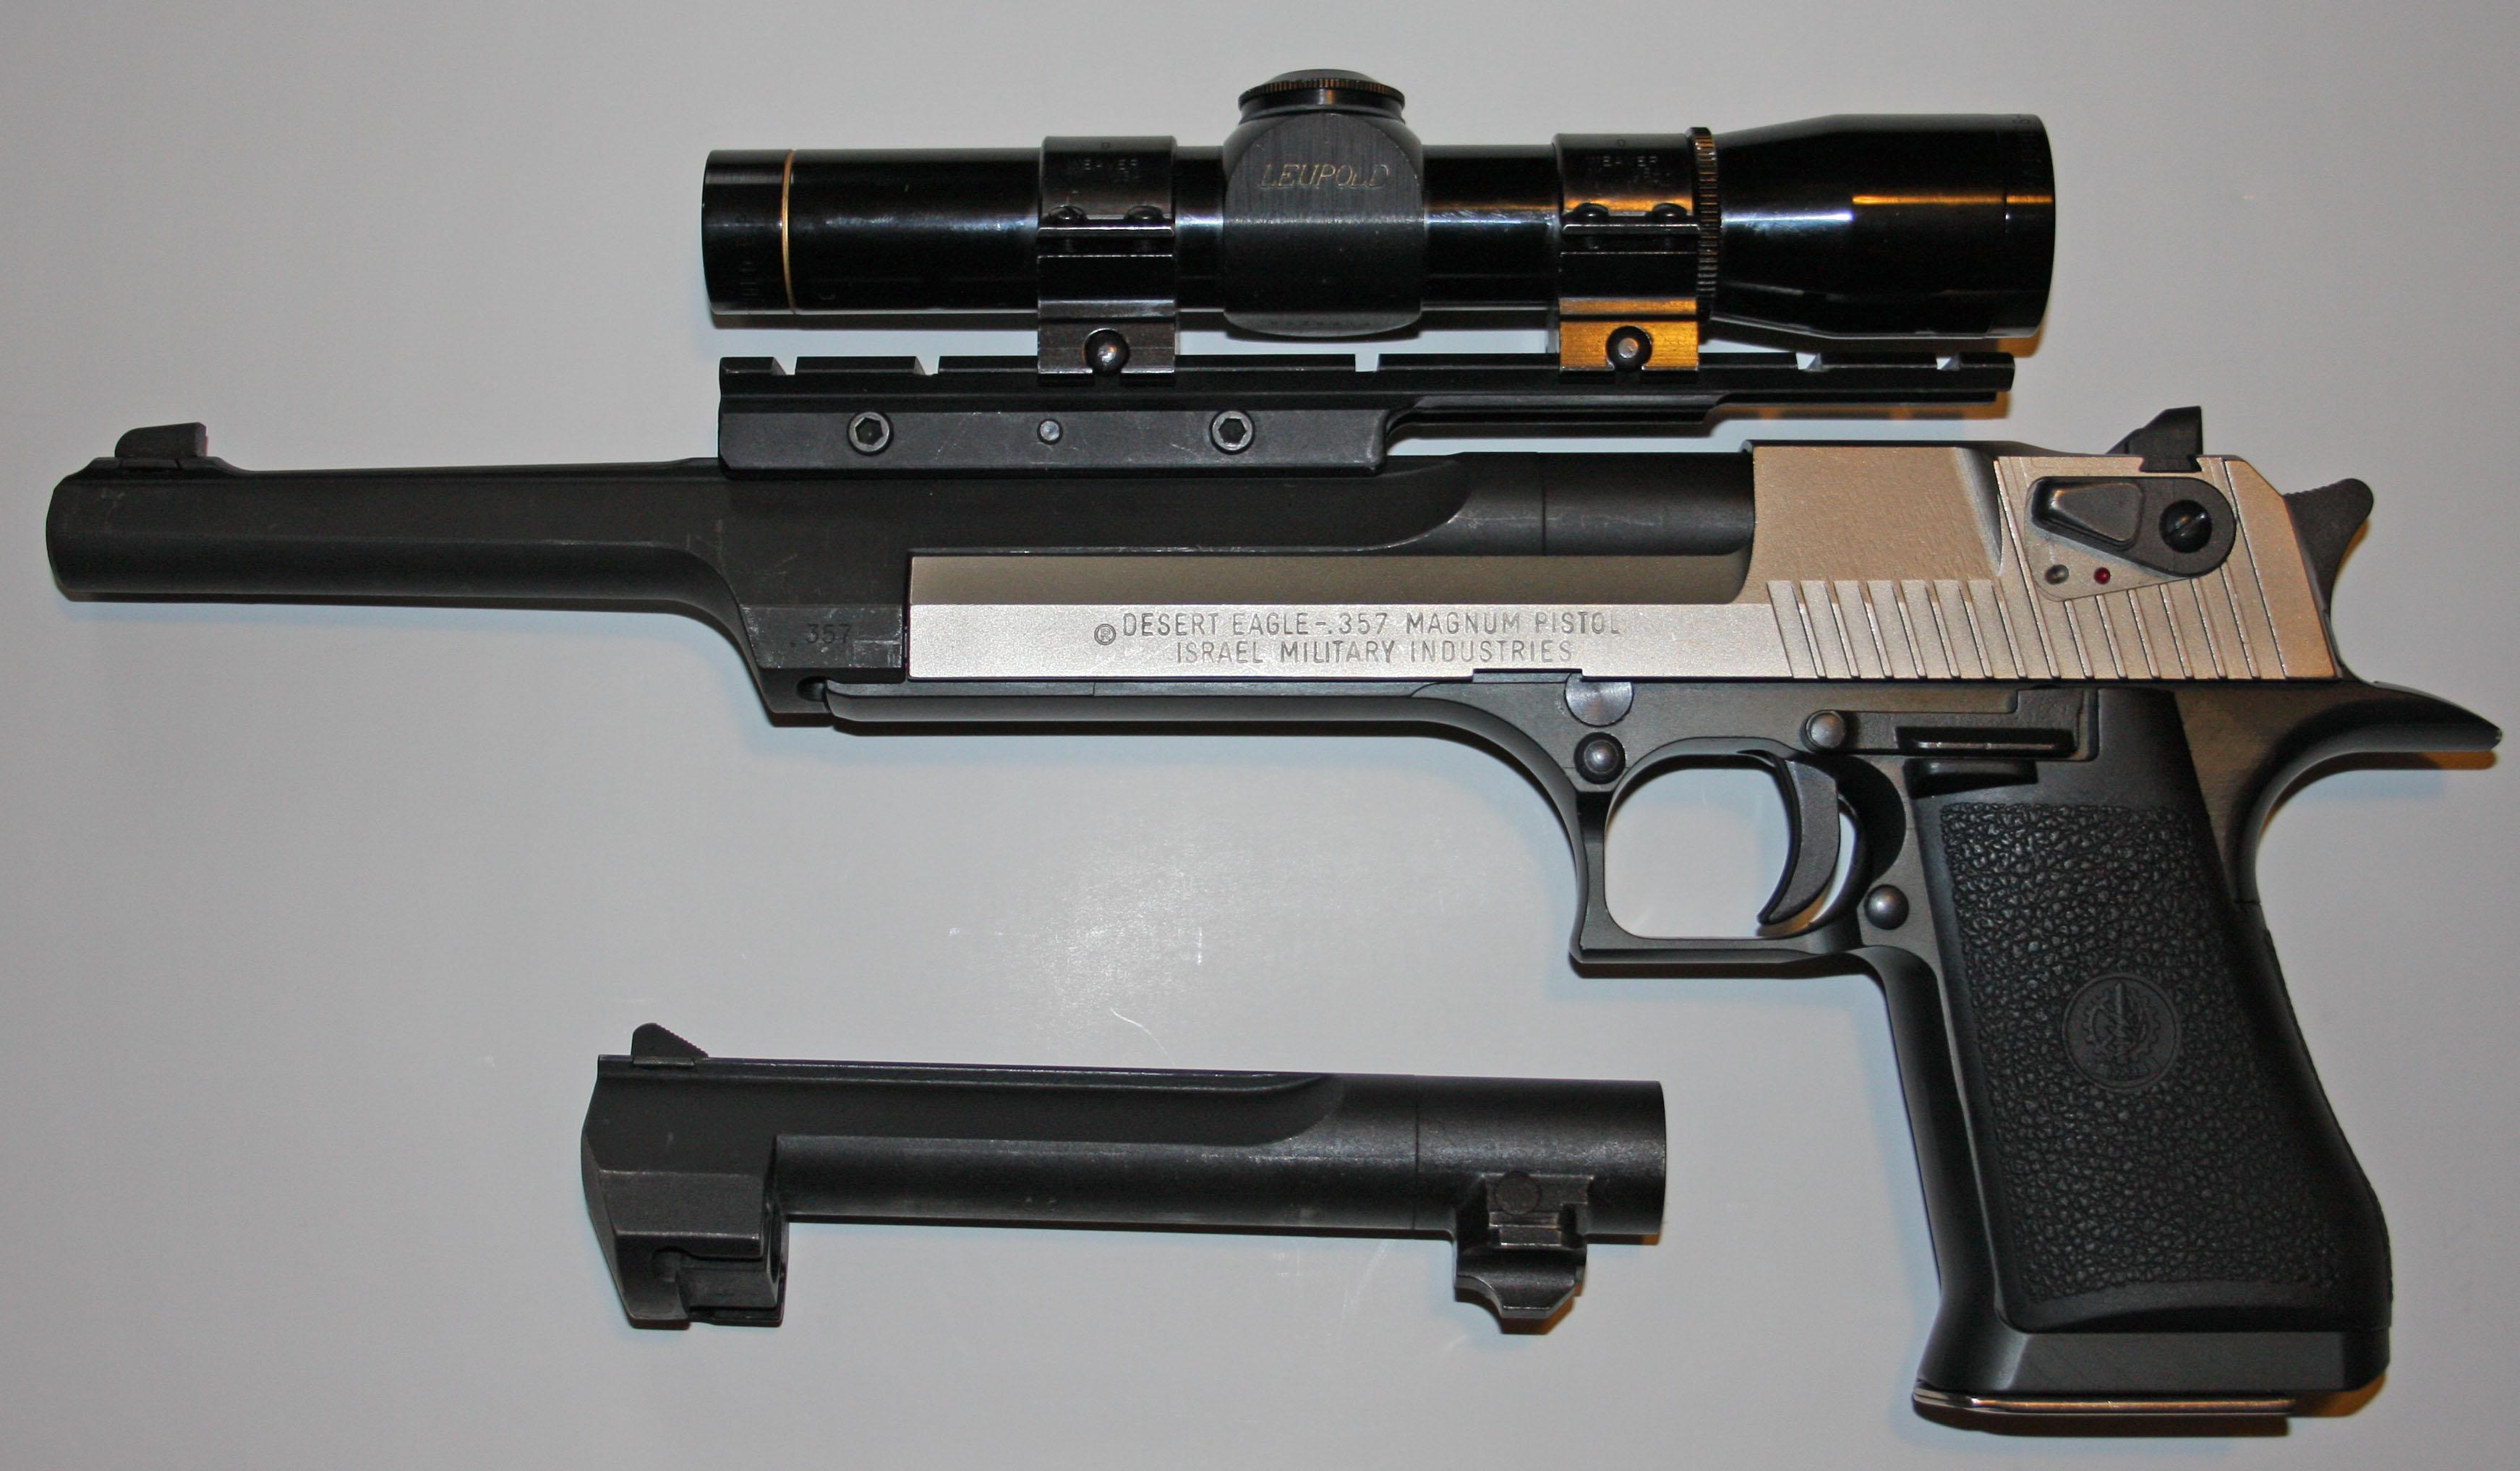 Desert Eagle Weapon Gun Pistol Rw Jpg Wallpaper 3485x2034 192332 Wallpaperup